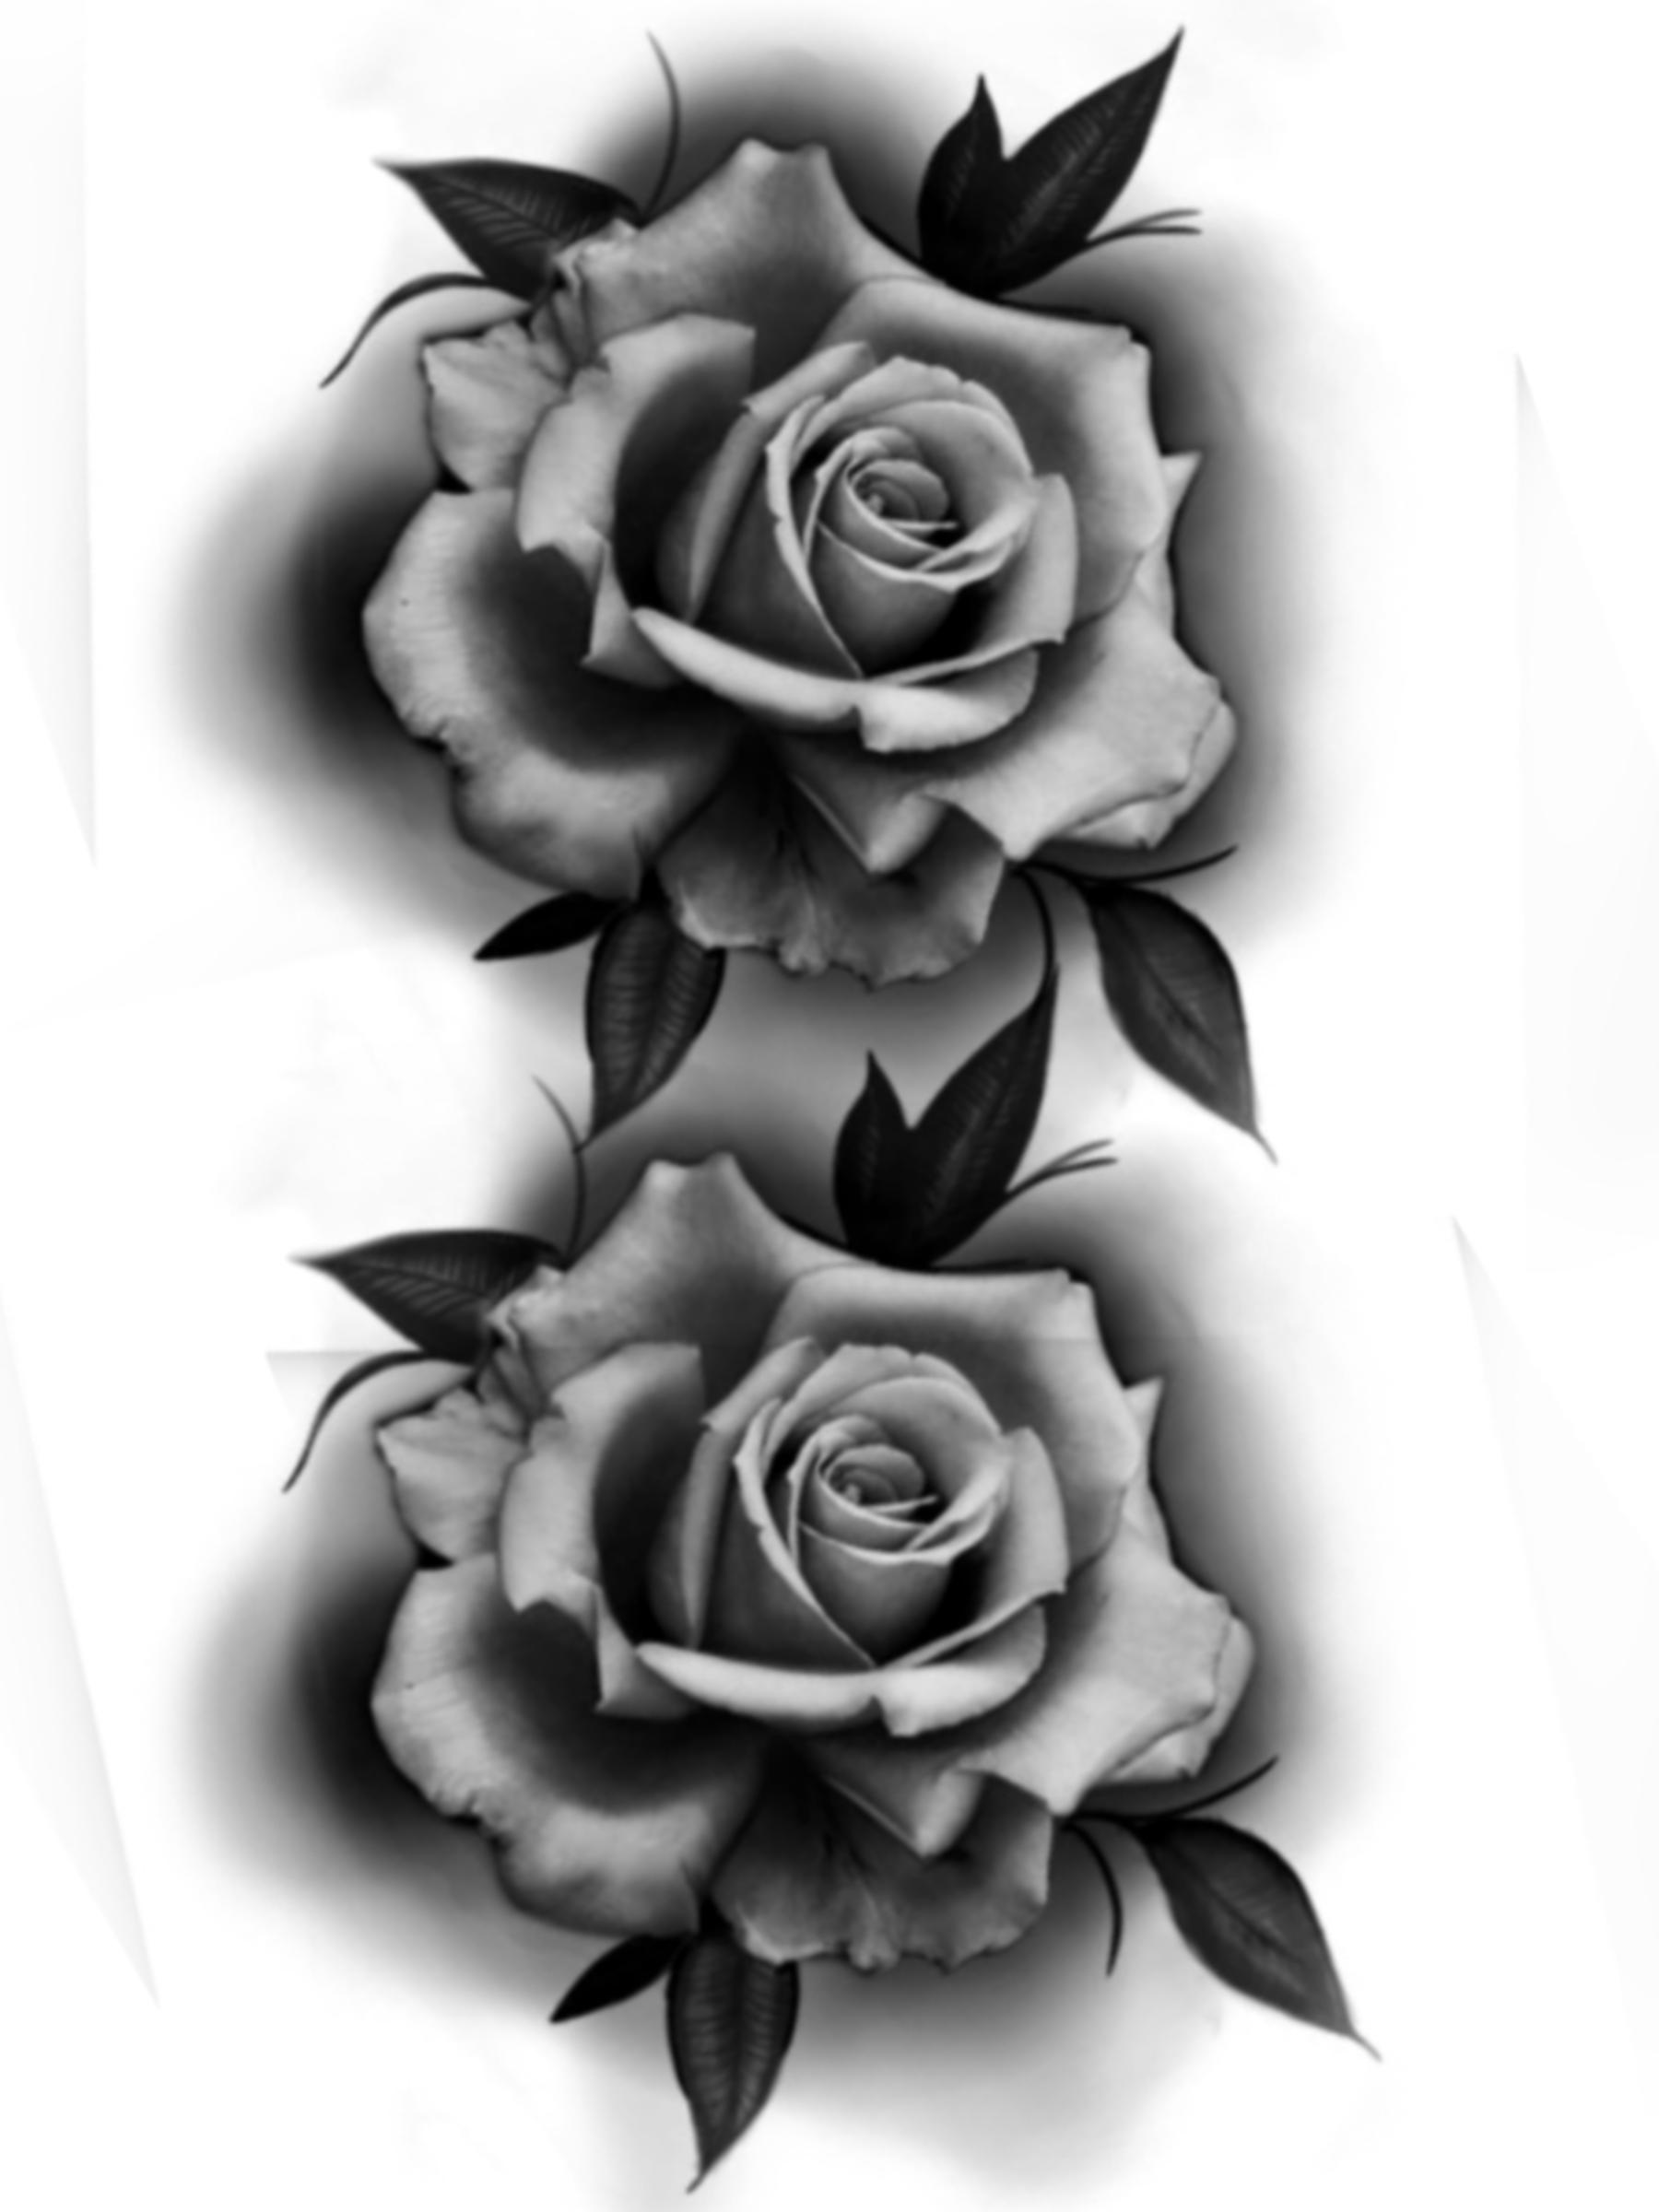 Pin De Valentin Shtz Em Tattoo Ideas For Guys Sleeve Tatuagem Realista De Rosa Tatuagens De Rosas Negras Tatuagem Relogio Com Rosas